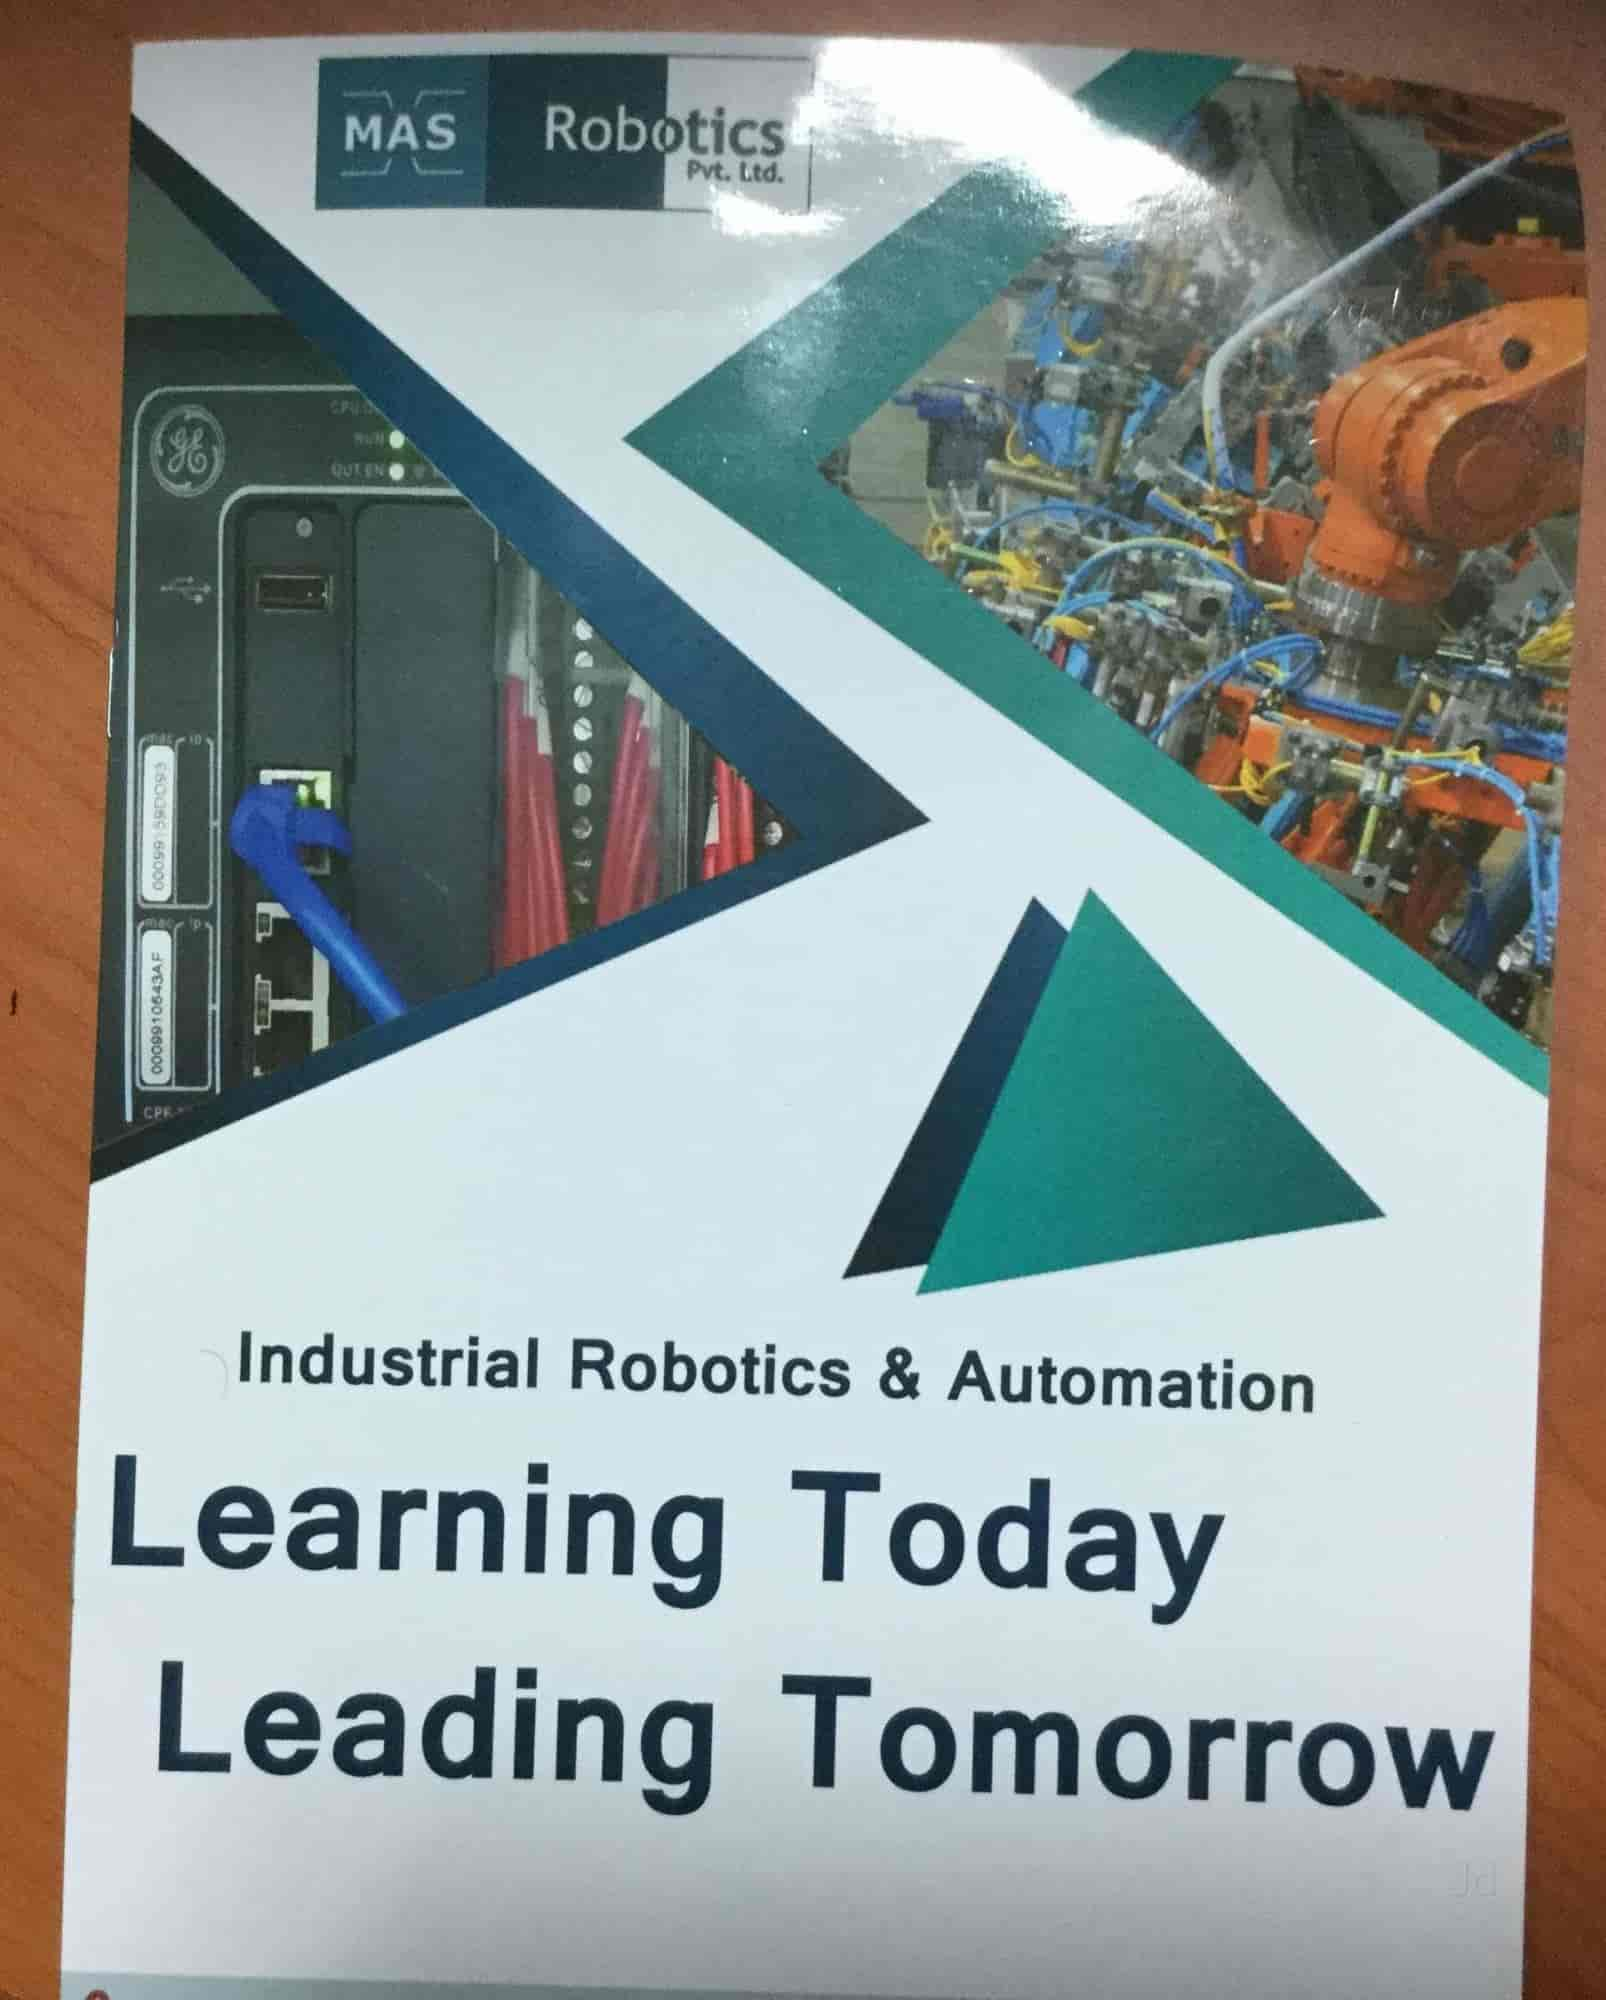 Mas Robotics Pvt Ltd, Vandalur - PLC Training Institutes in Chennai